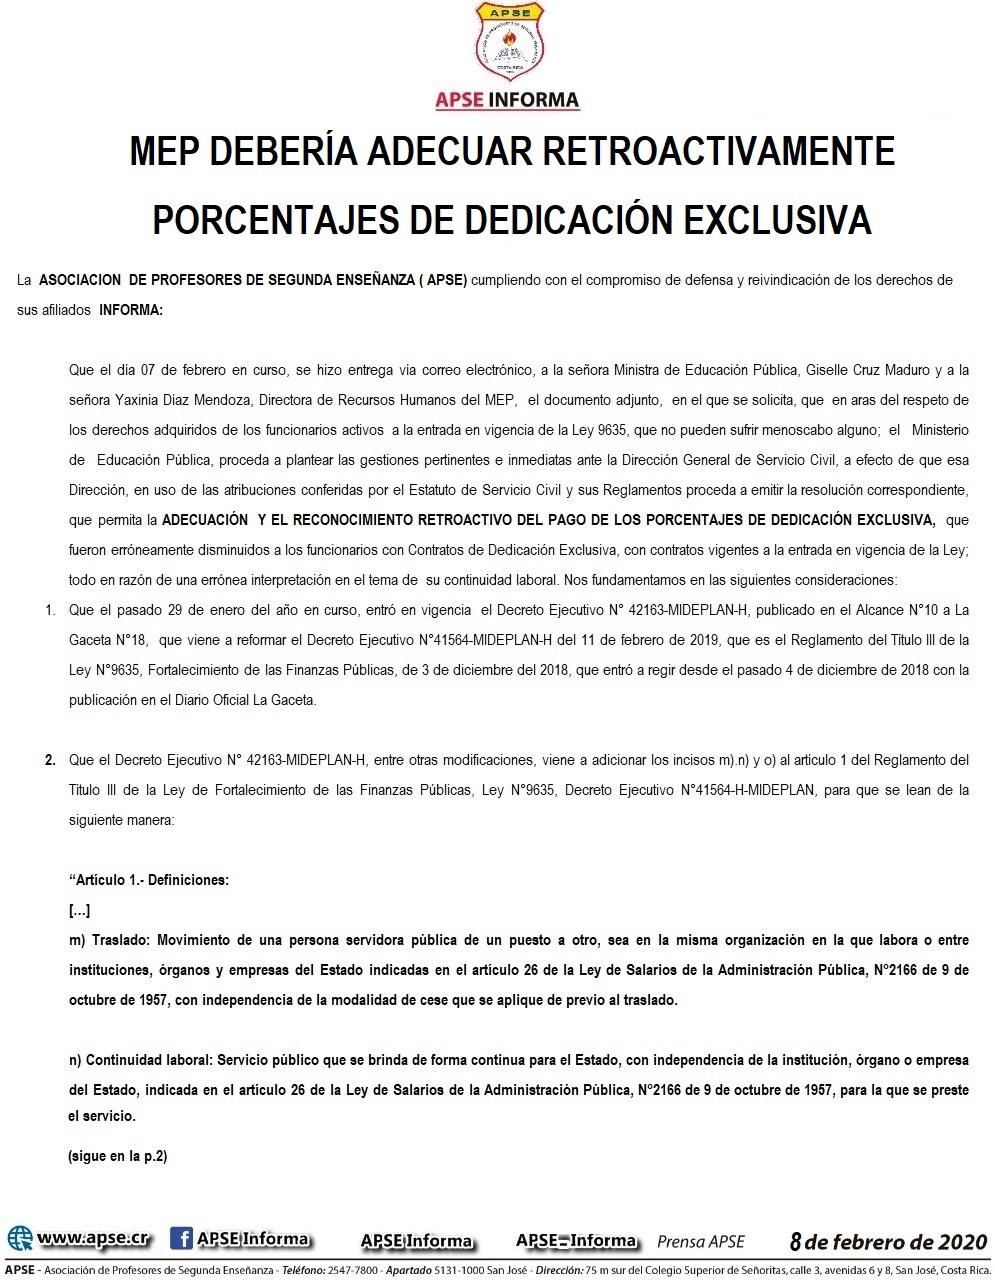 MEP DEBERÍA ADECUAR RETROACTIVAMENTE PORCENTAJES DE DEDICACIÓN EXCLUSIVA